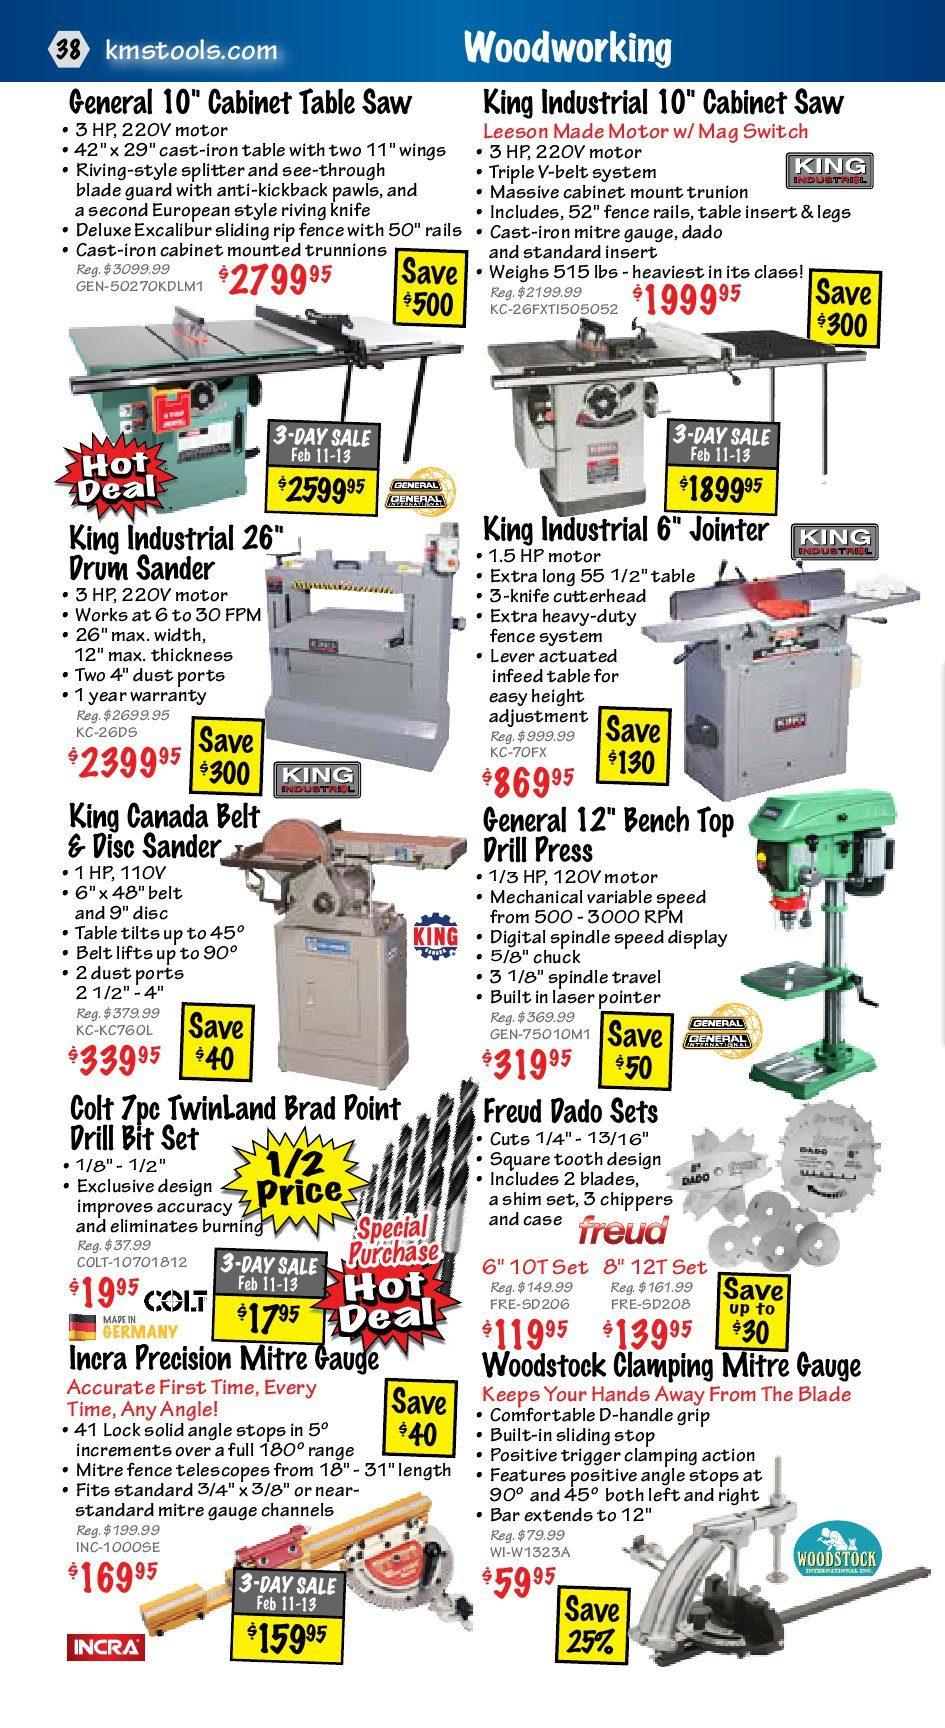 Kms Tools Weekly Flyer Welding Sale Jan 29 Feb Lincoln 100sg Wiring Diagram